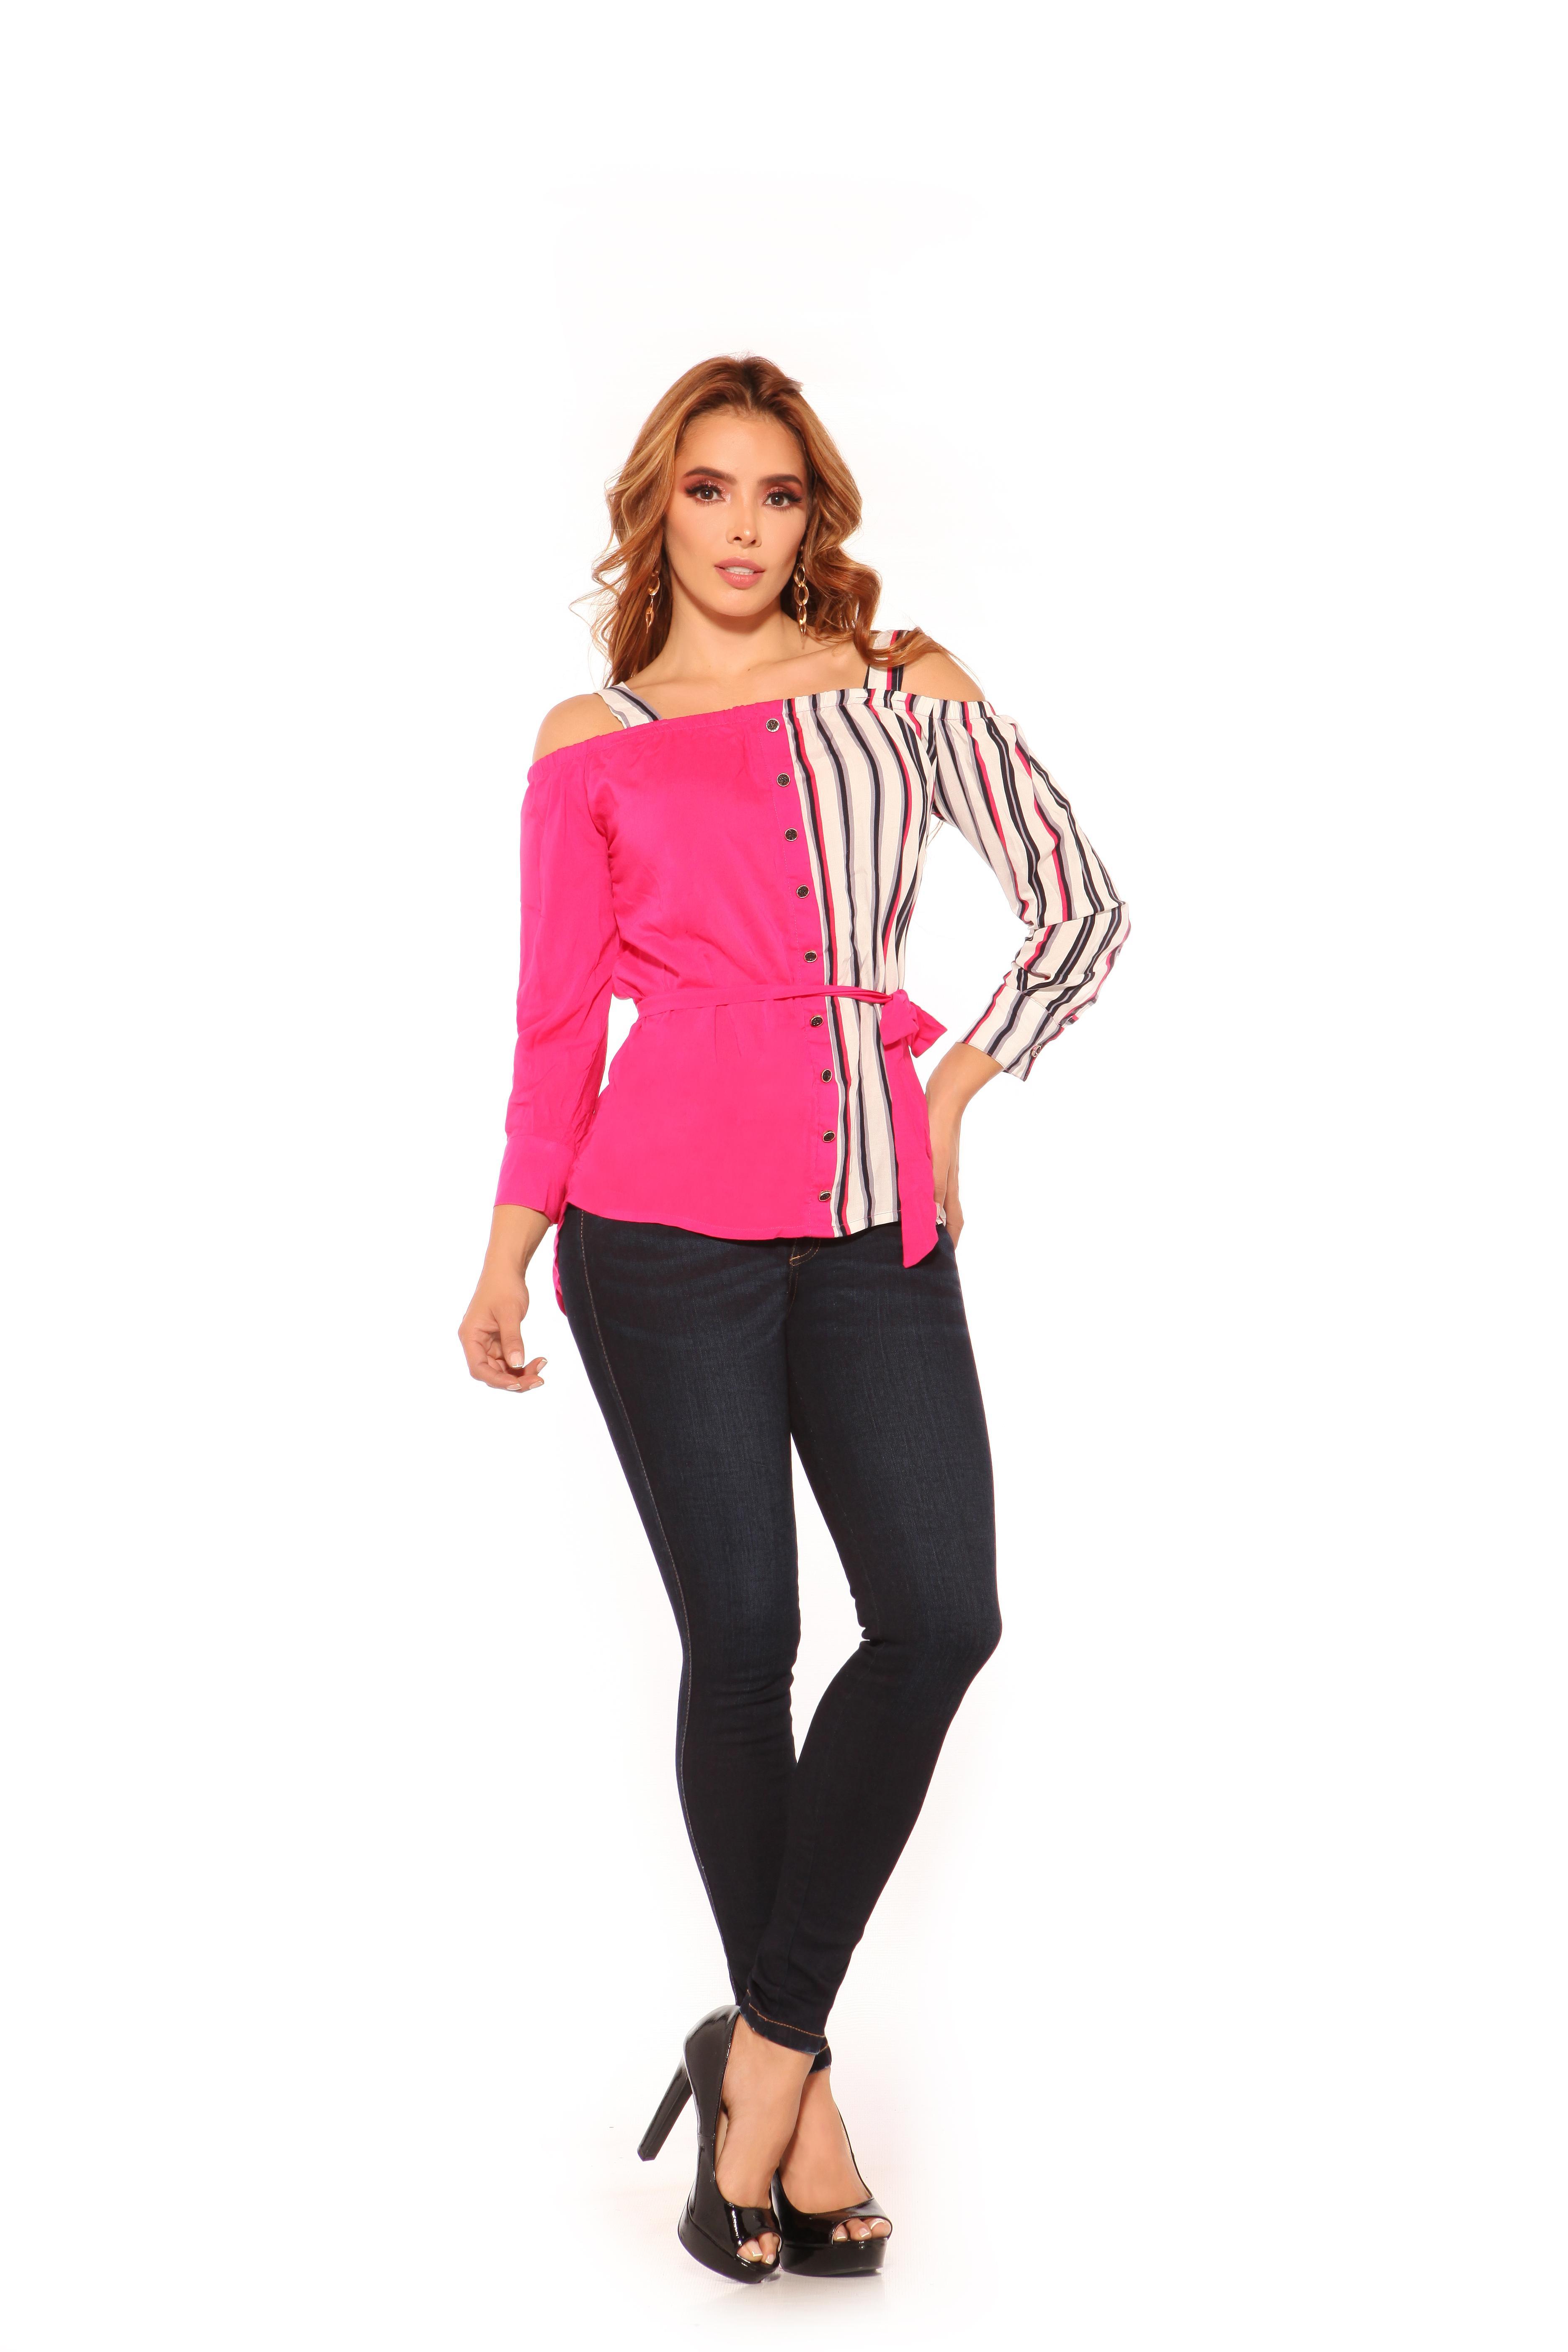 Blusa Colombiana de Moda, Colores y Diseño de Temporada